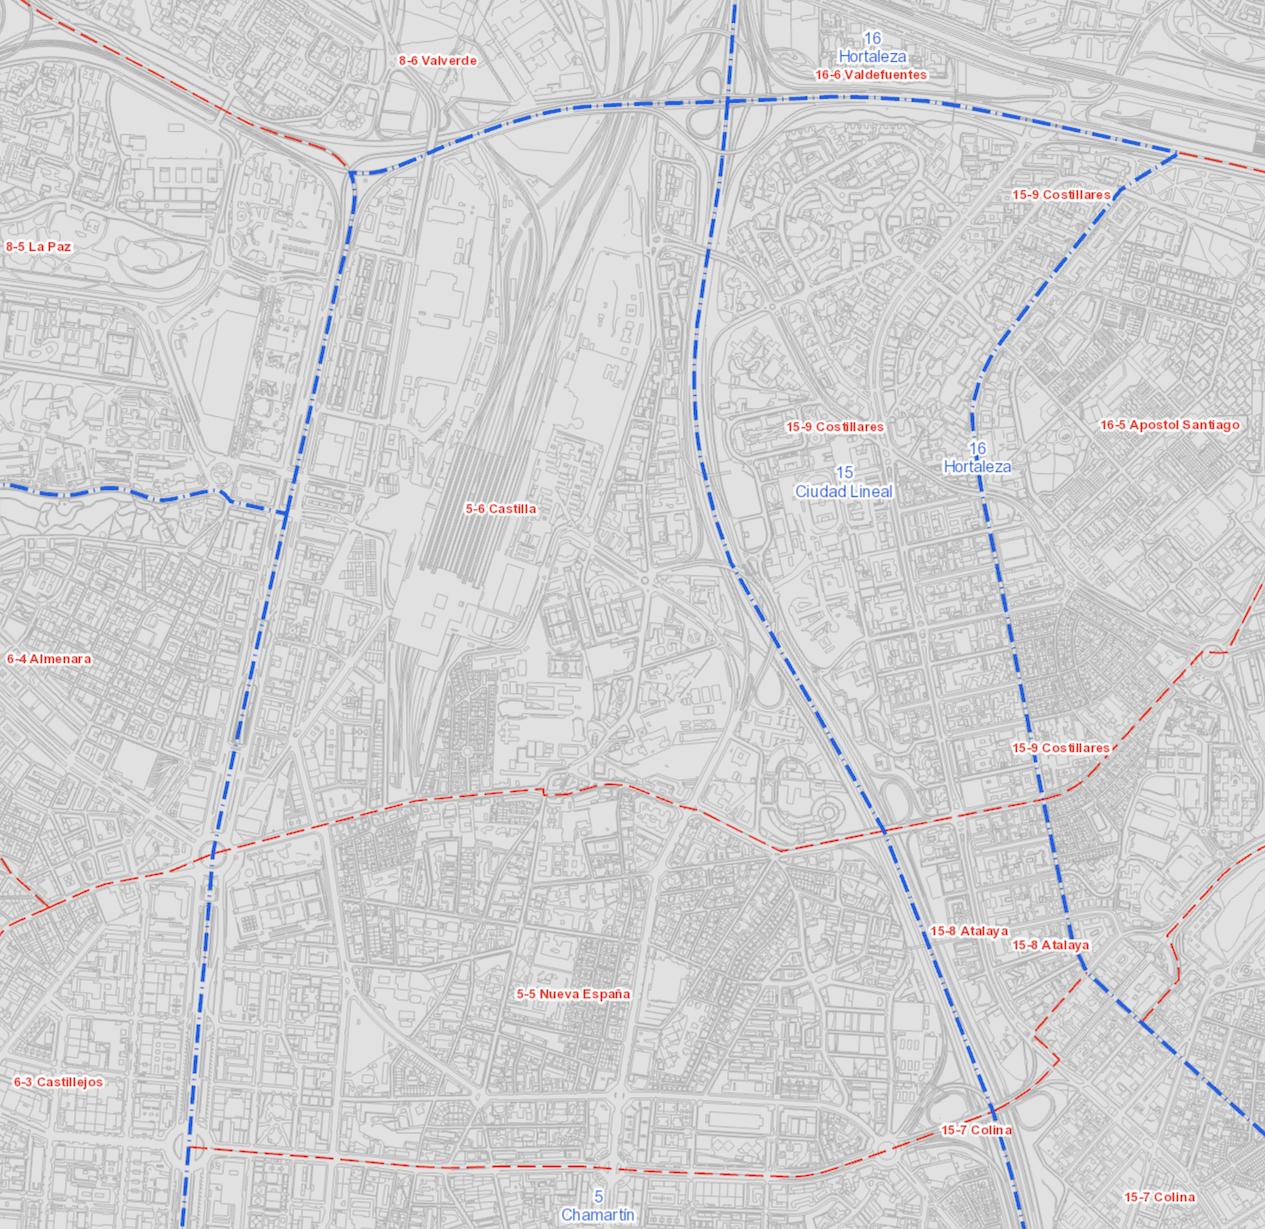 contactos en gerona ciudad lineal